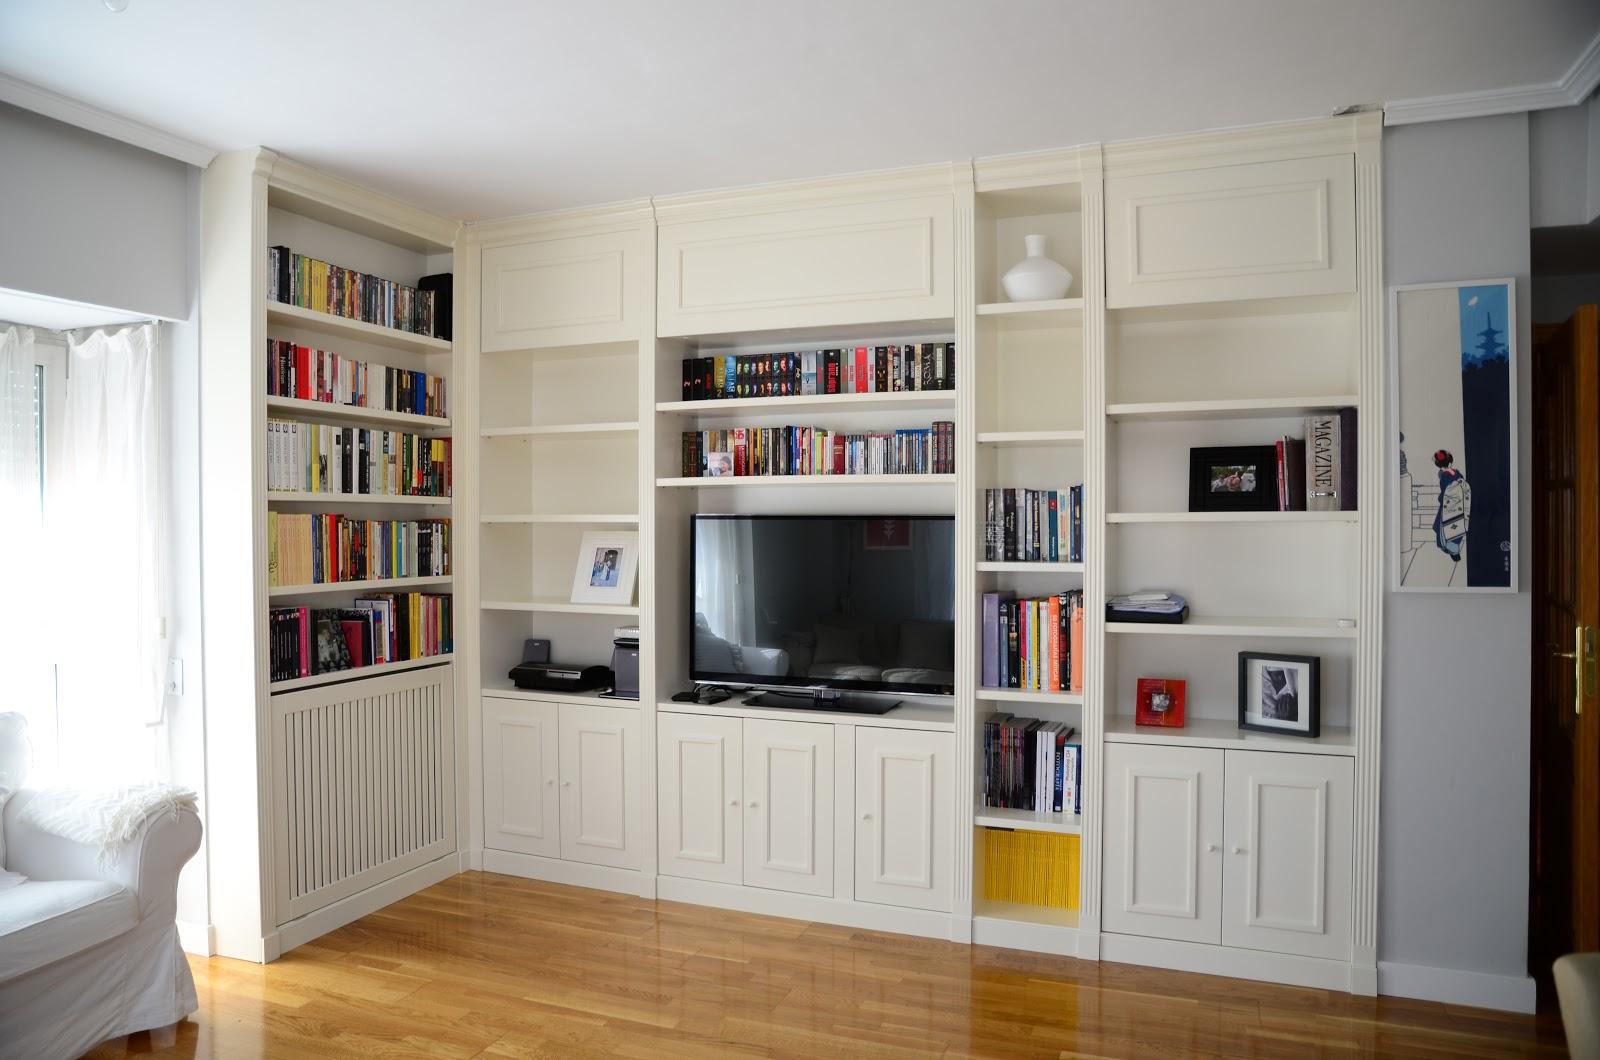 Librerias a medida madrid muebles librerias lacadas de - Muebles a medida en madrid ...